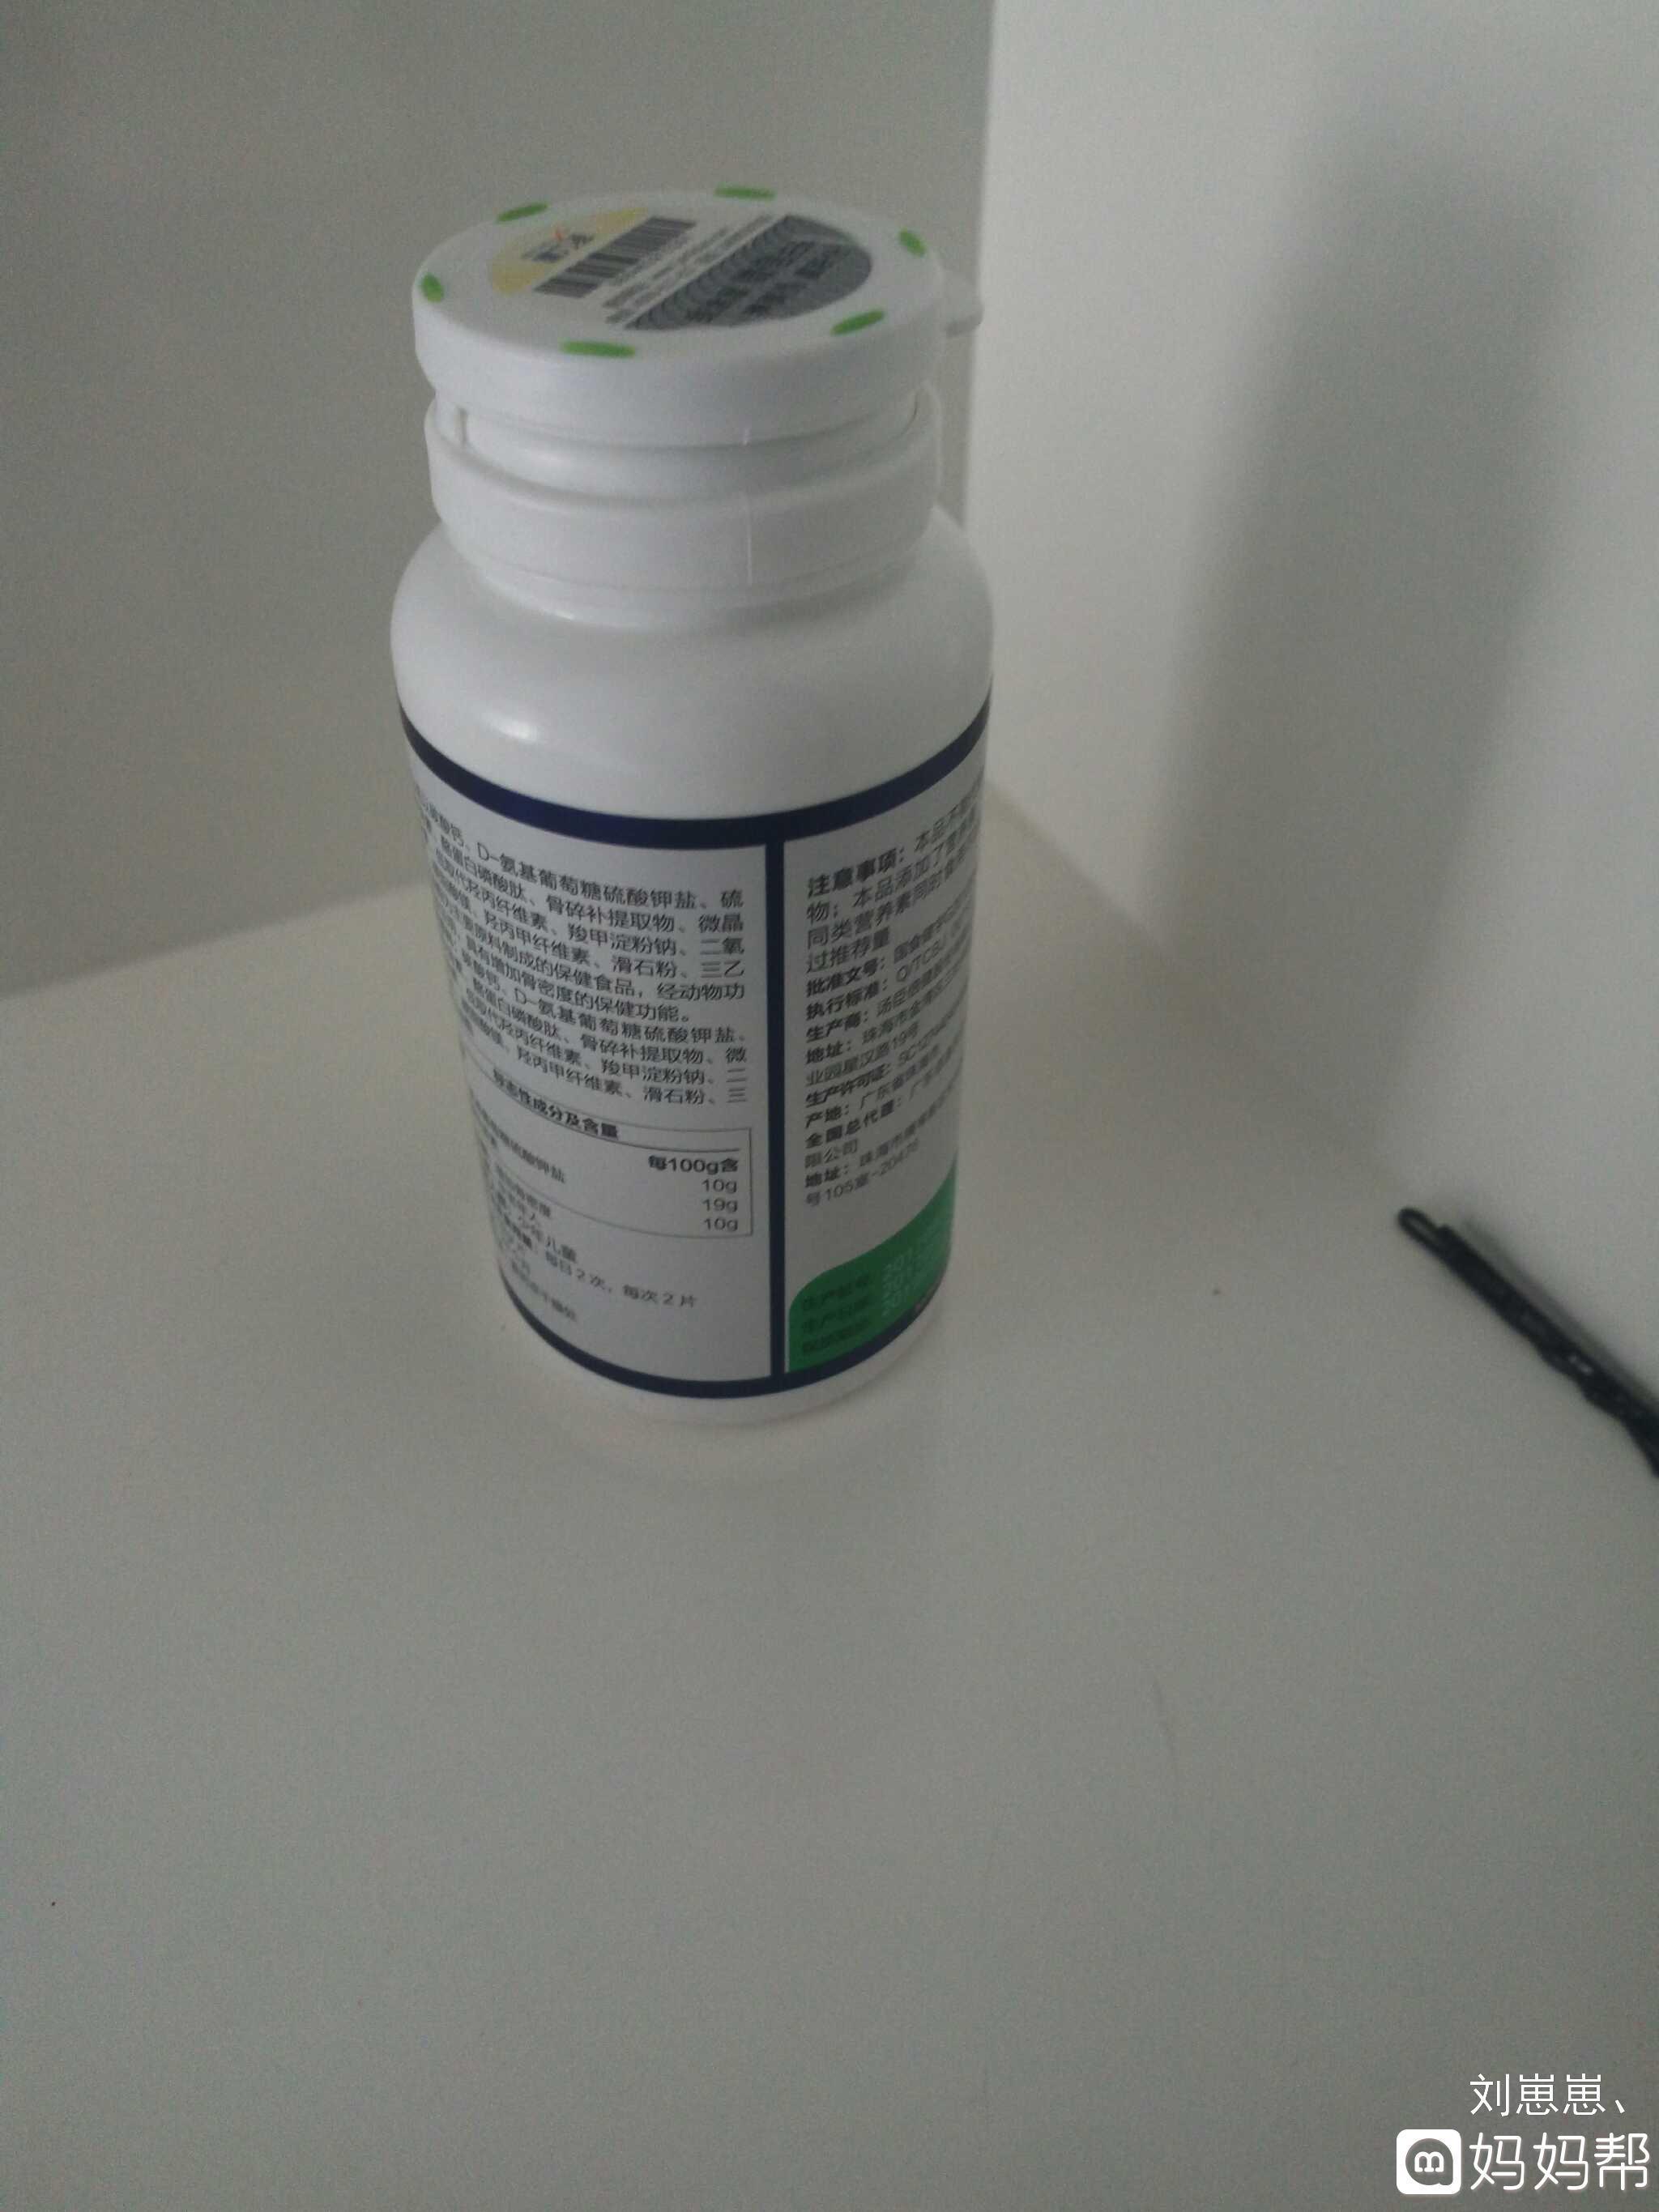 汤臣倍健健力多氨糖硫酸软骨素钙片成人中老年补钙钙片 ... -京东